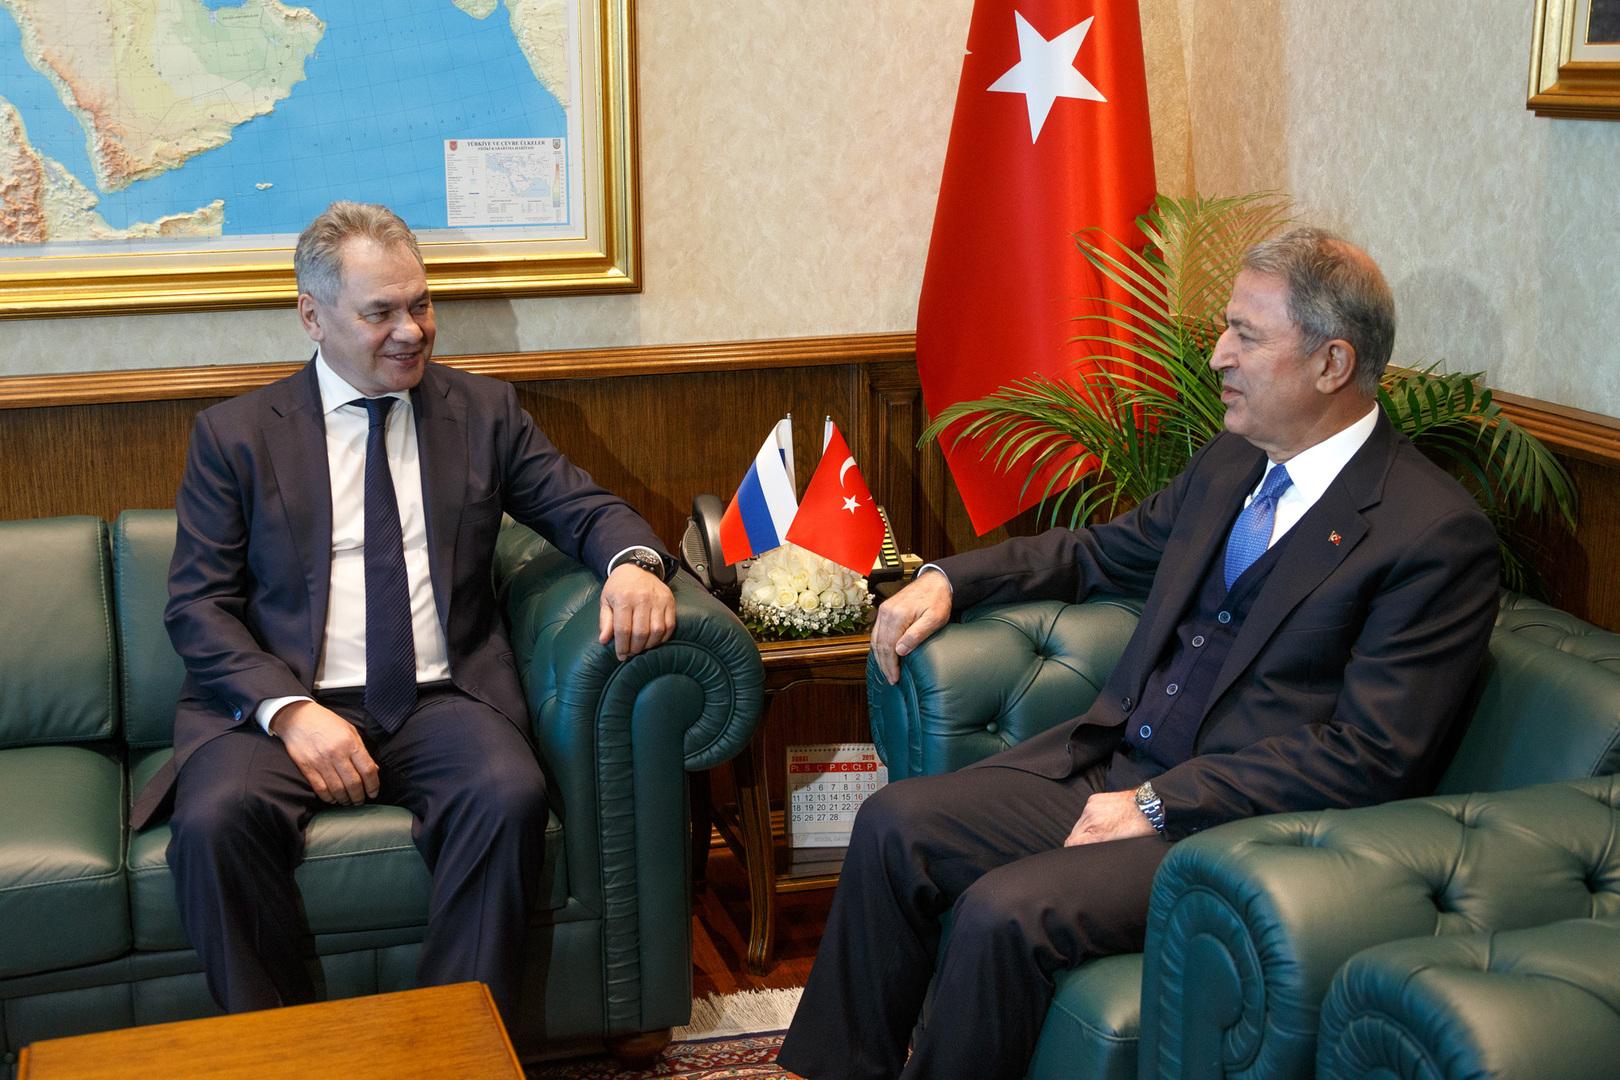 وزير الدفاع التركي، خلوصي أكار، ونظيره الروسي، سيرغي شويغو.